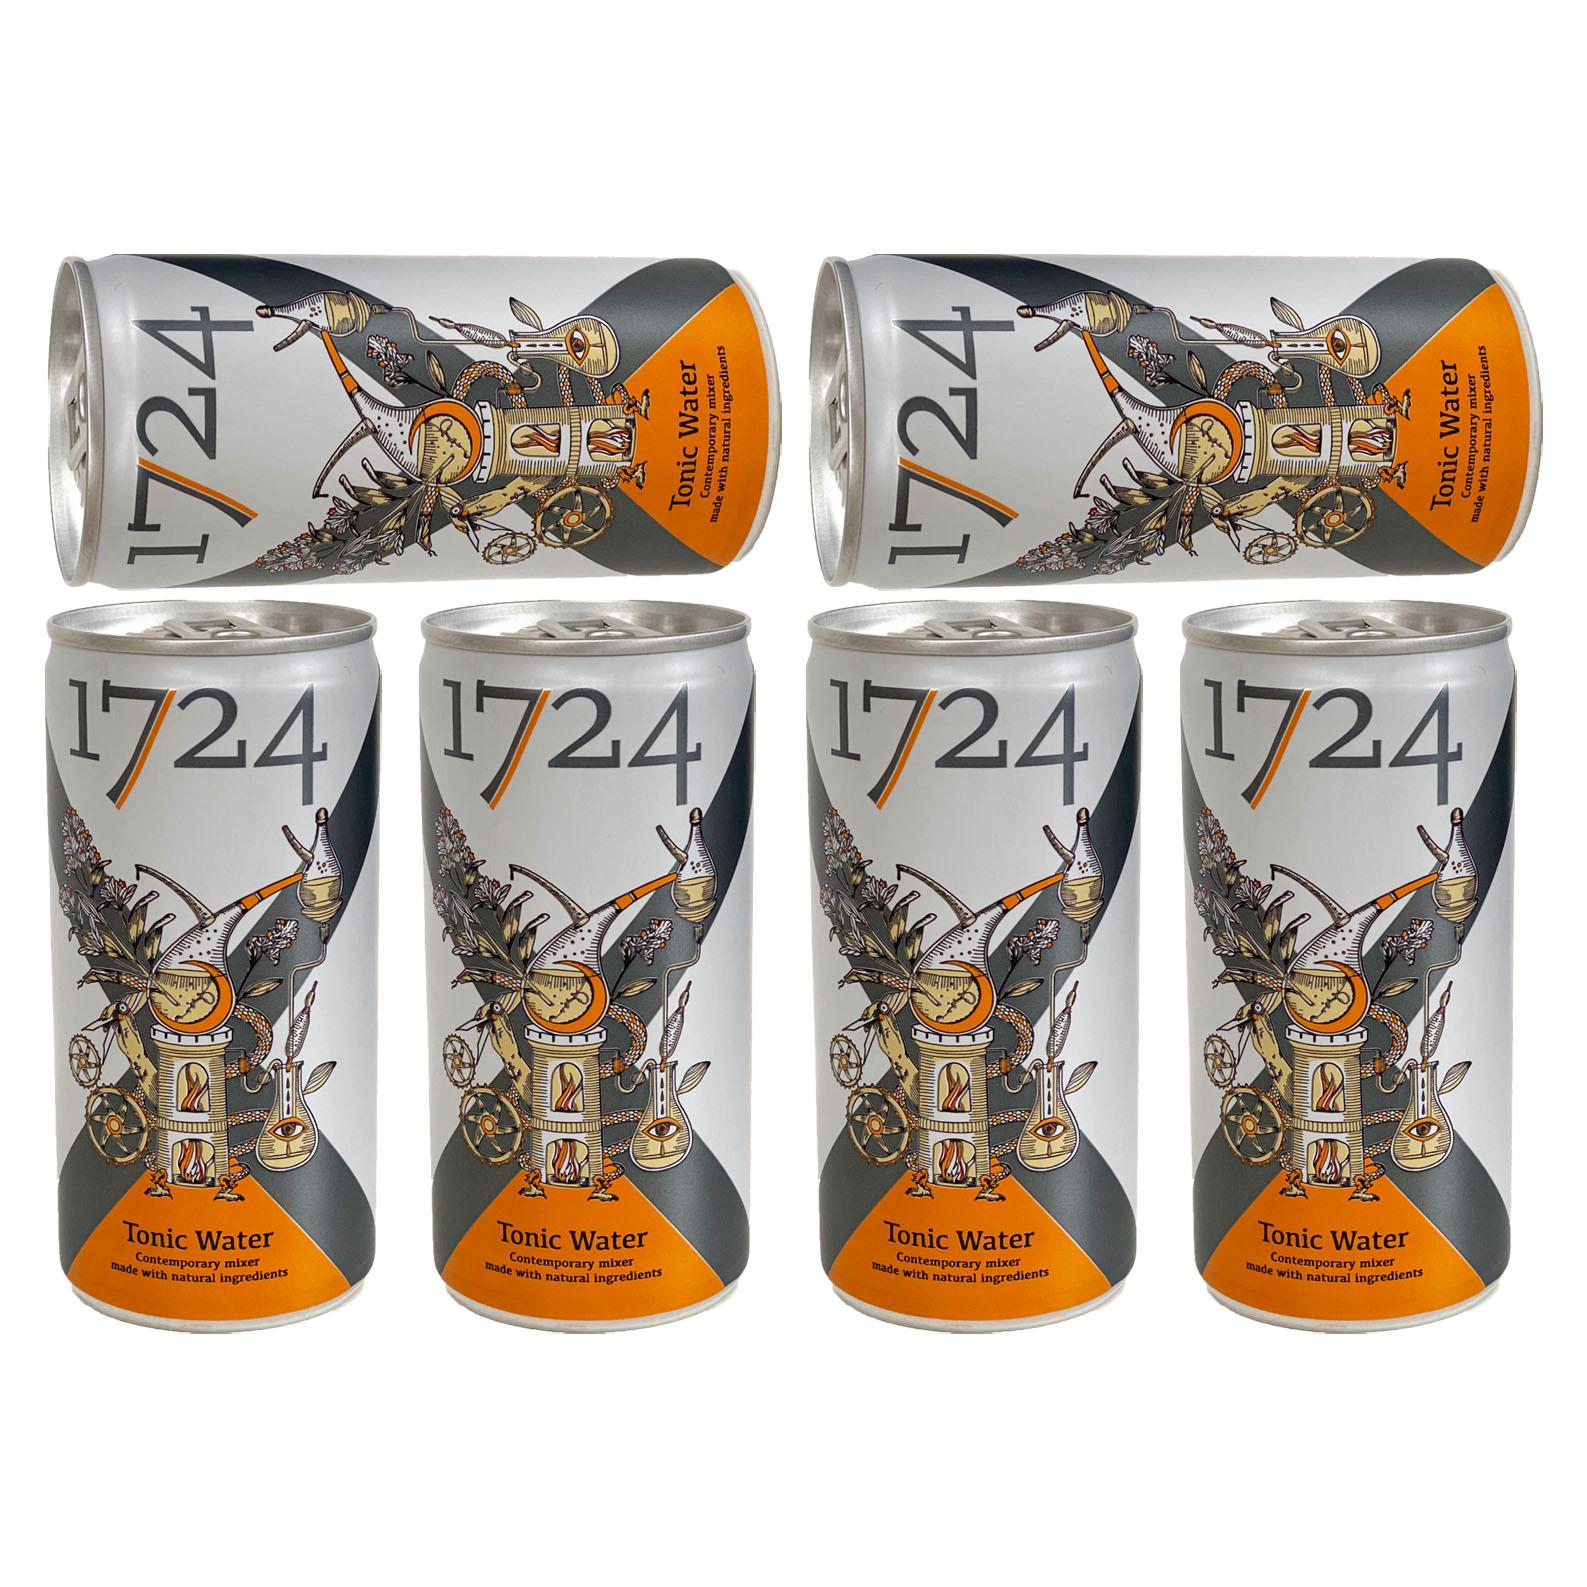 1724 Dry Tonic 6er Set Dosen